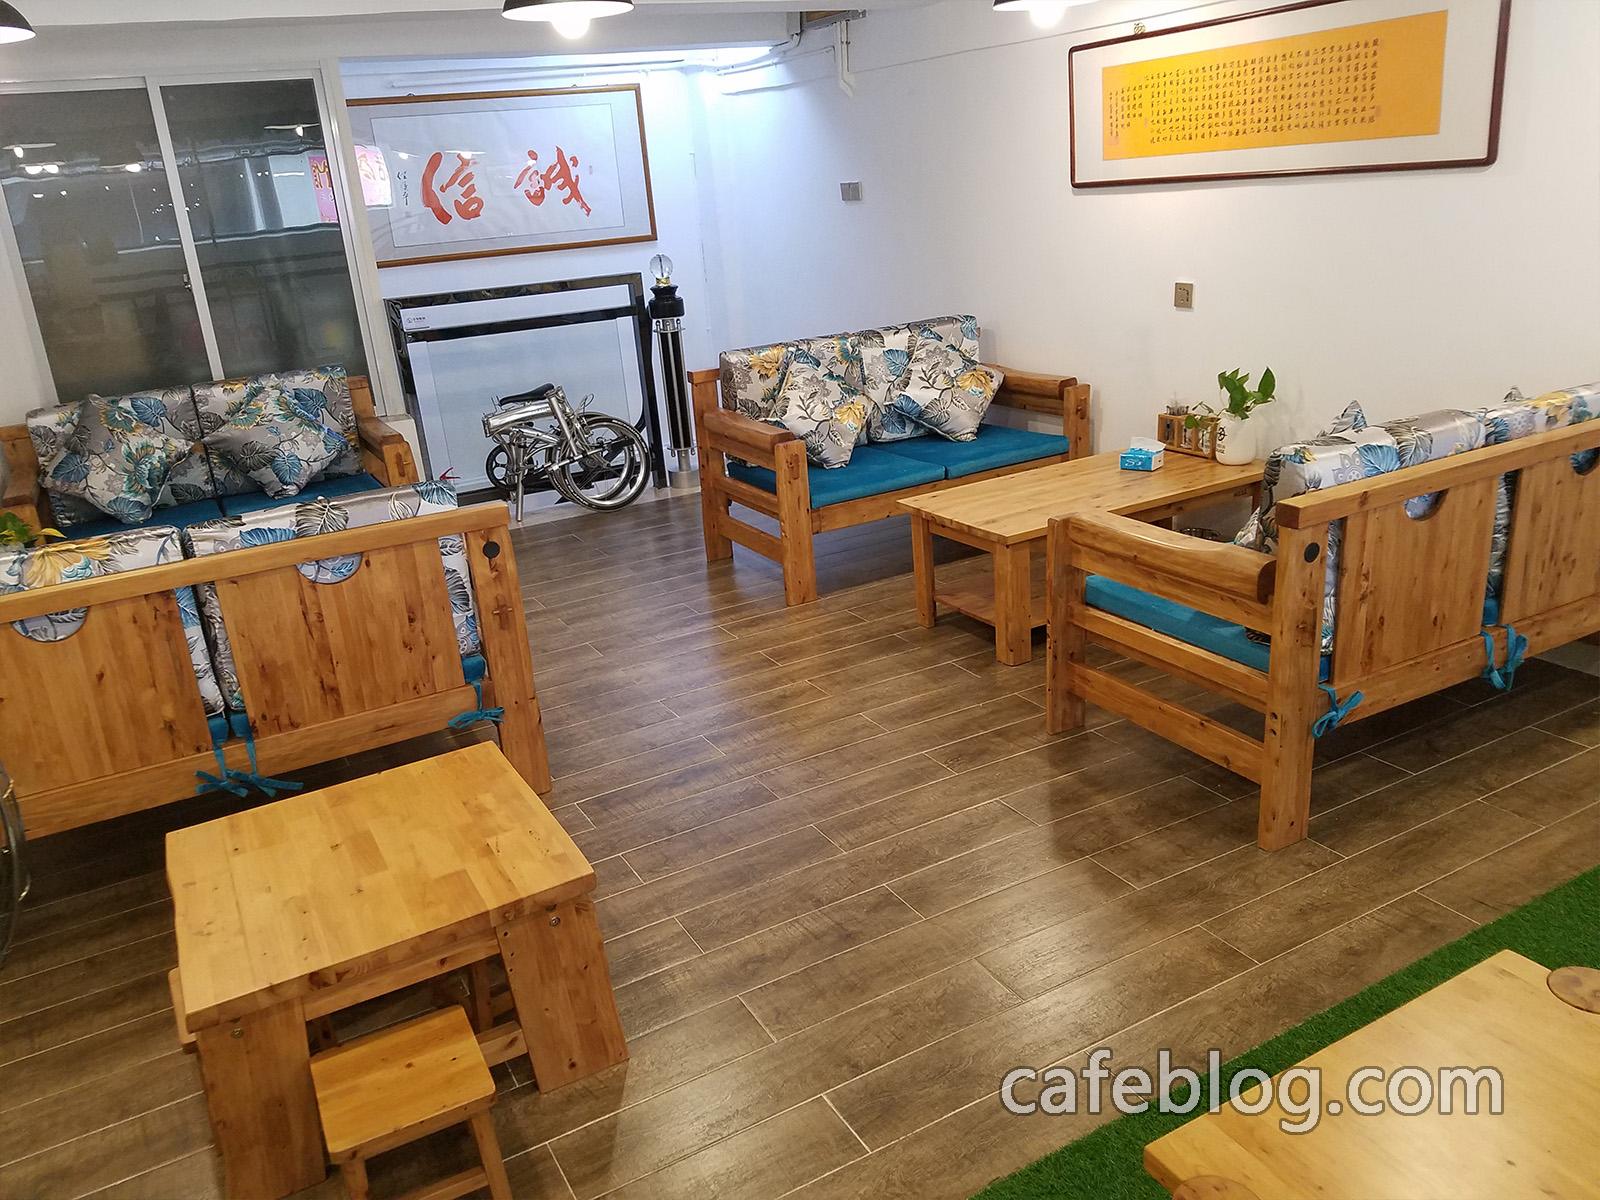 月港咖啡 YueGang Coffee 的二楼。